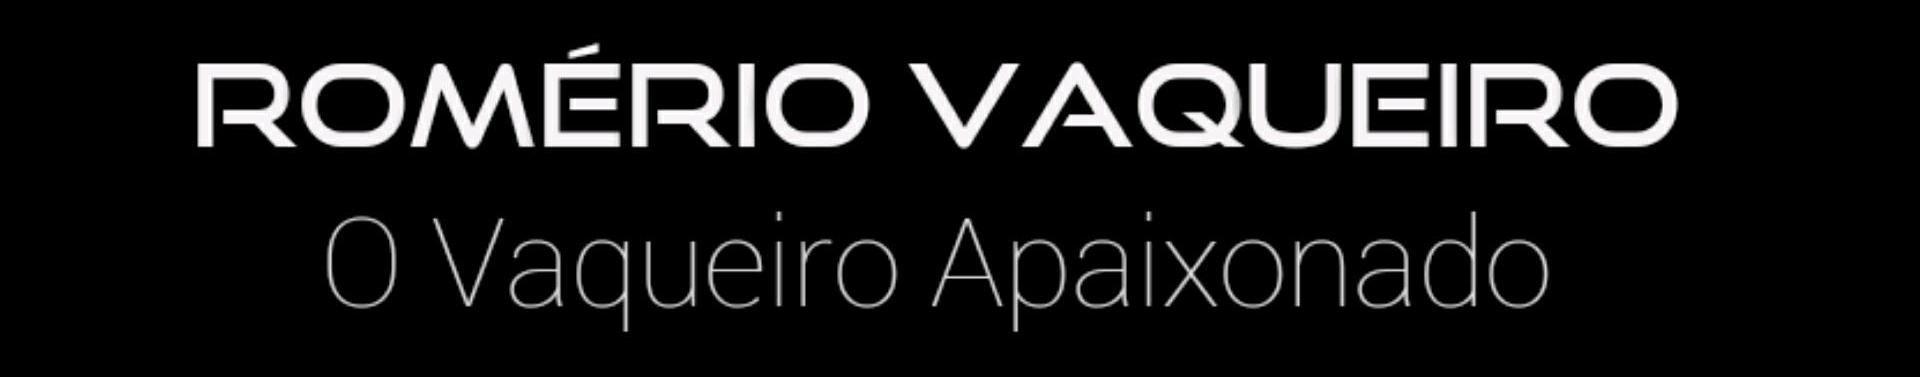 Imagem de capa de Romerio Vaqueiro Official